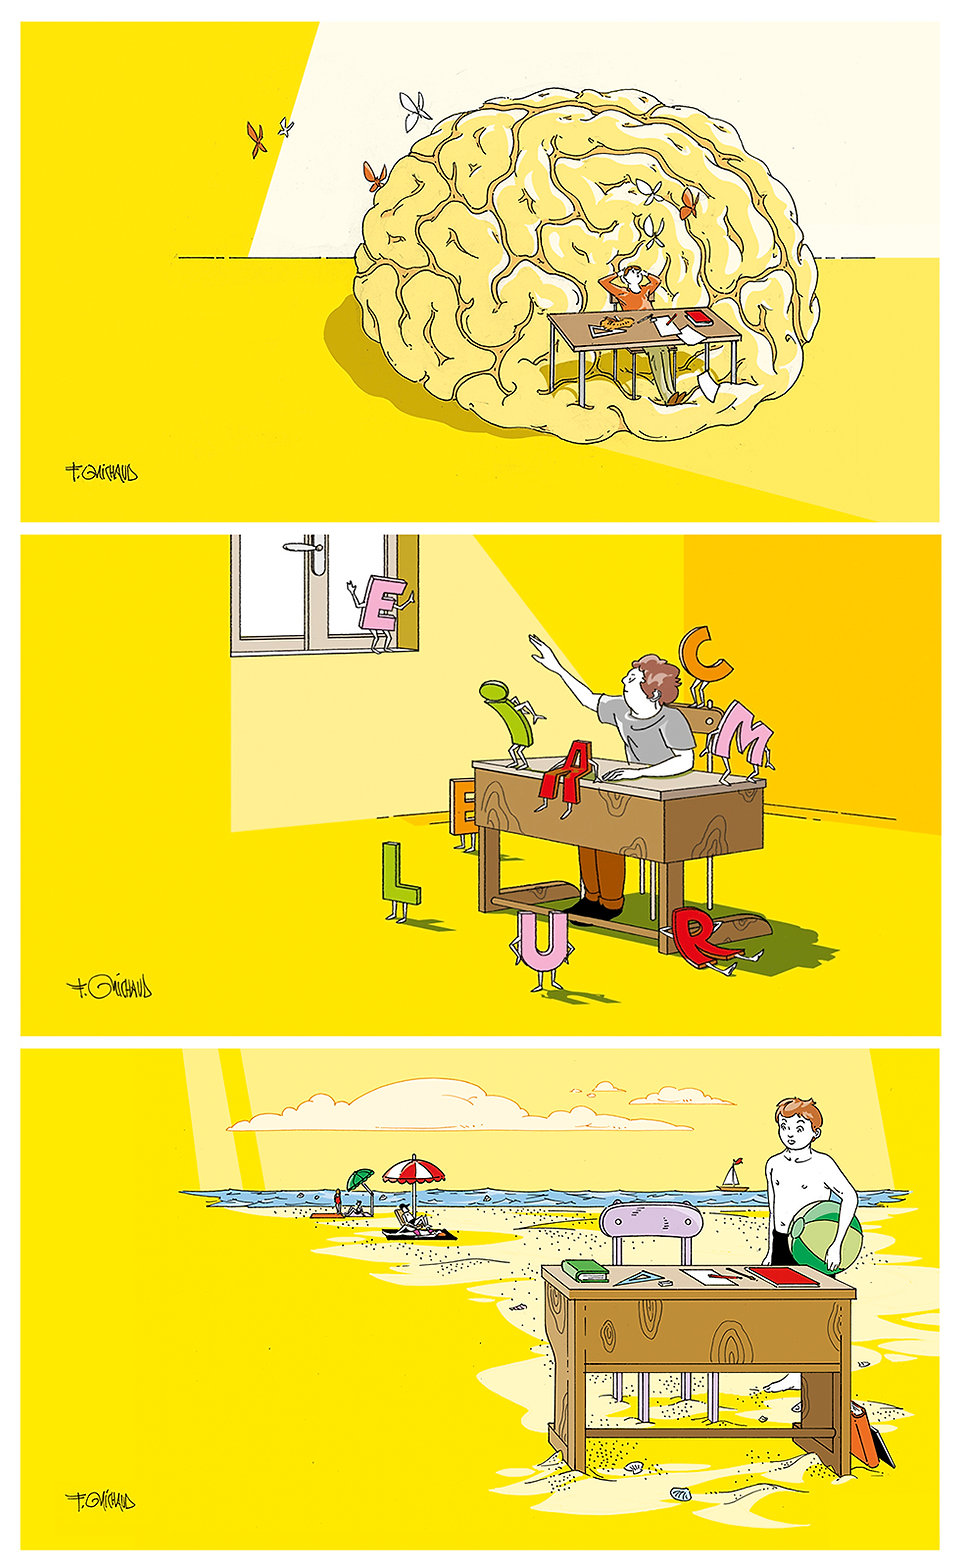 Chronique_pédagogie_panel_-_Frédéric_Mic